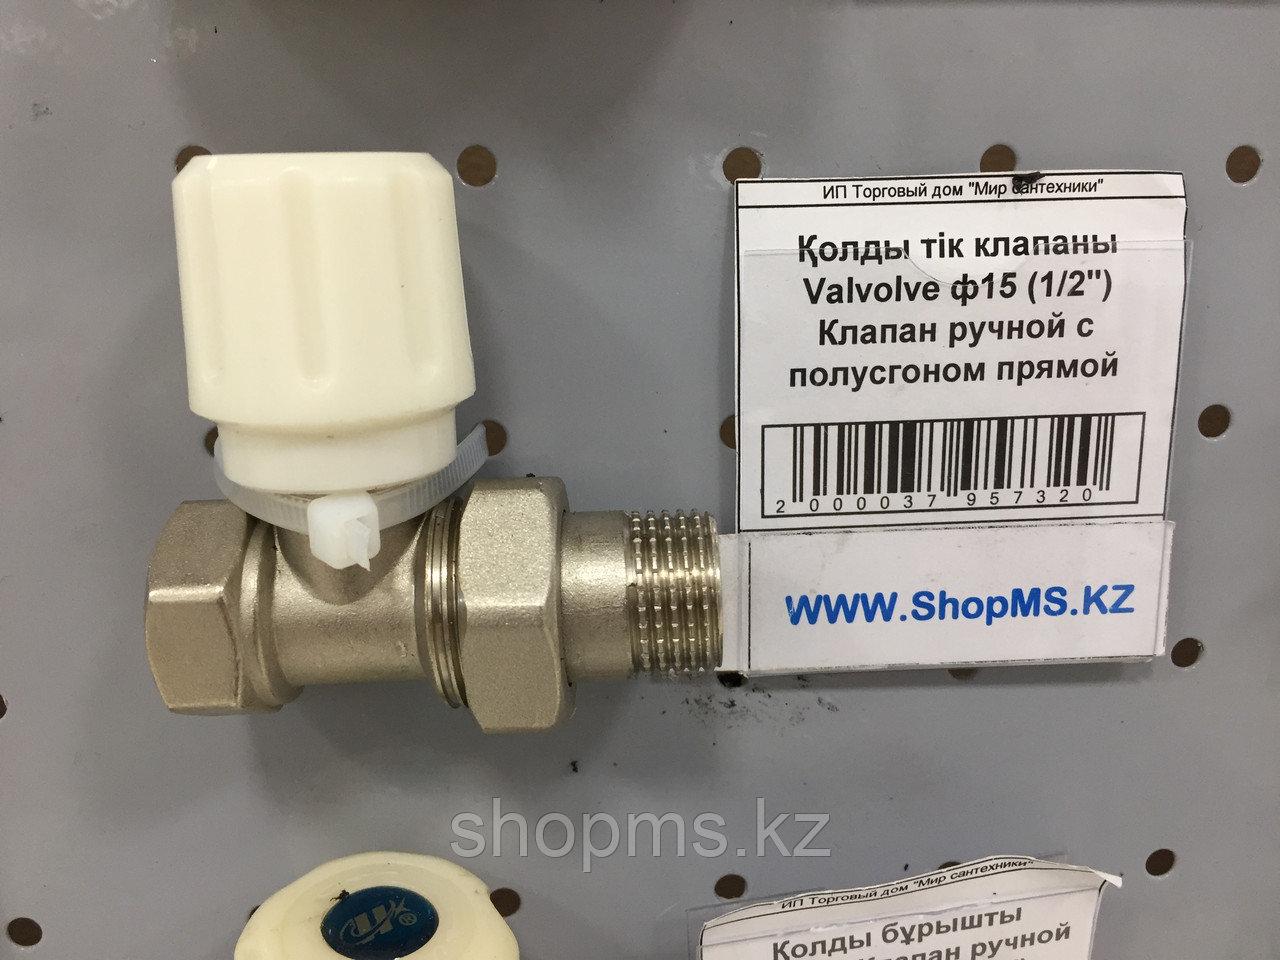 """Клапан ручной с полусгоном прямой Valvolve ф15 (1/2"""")"""